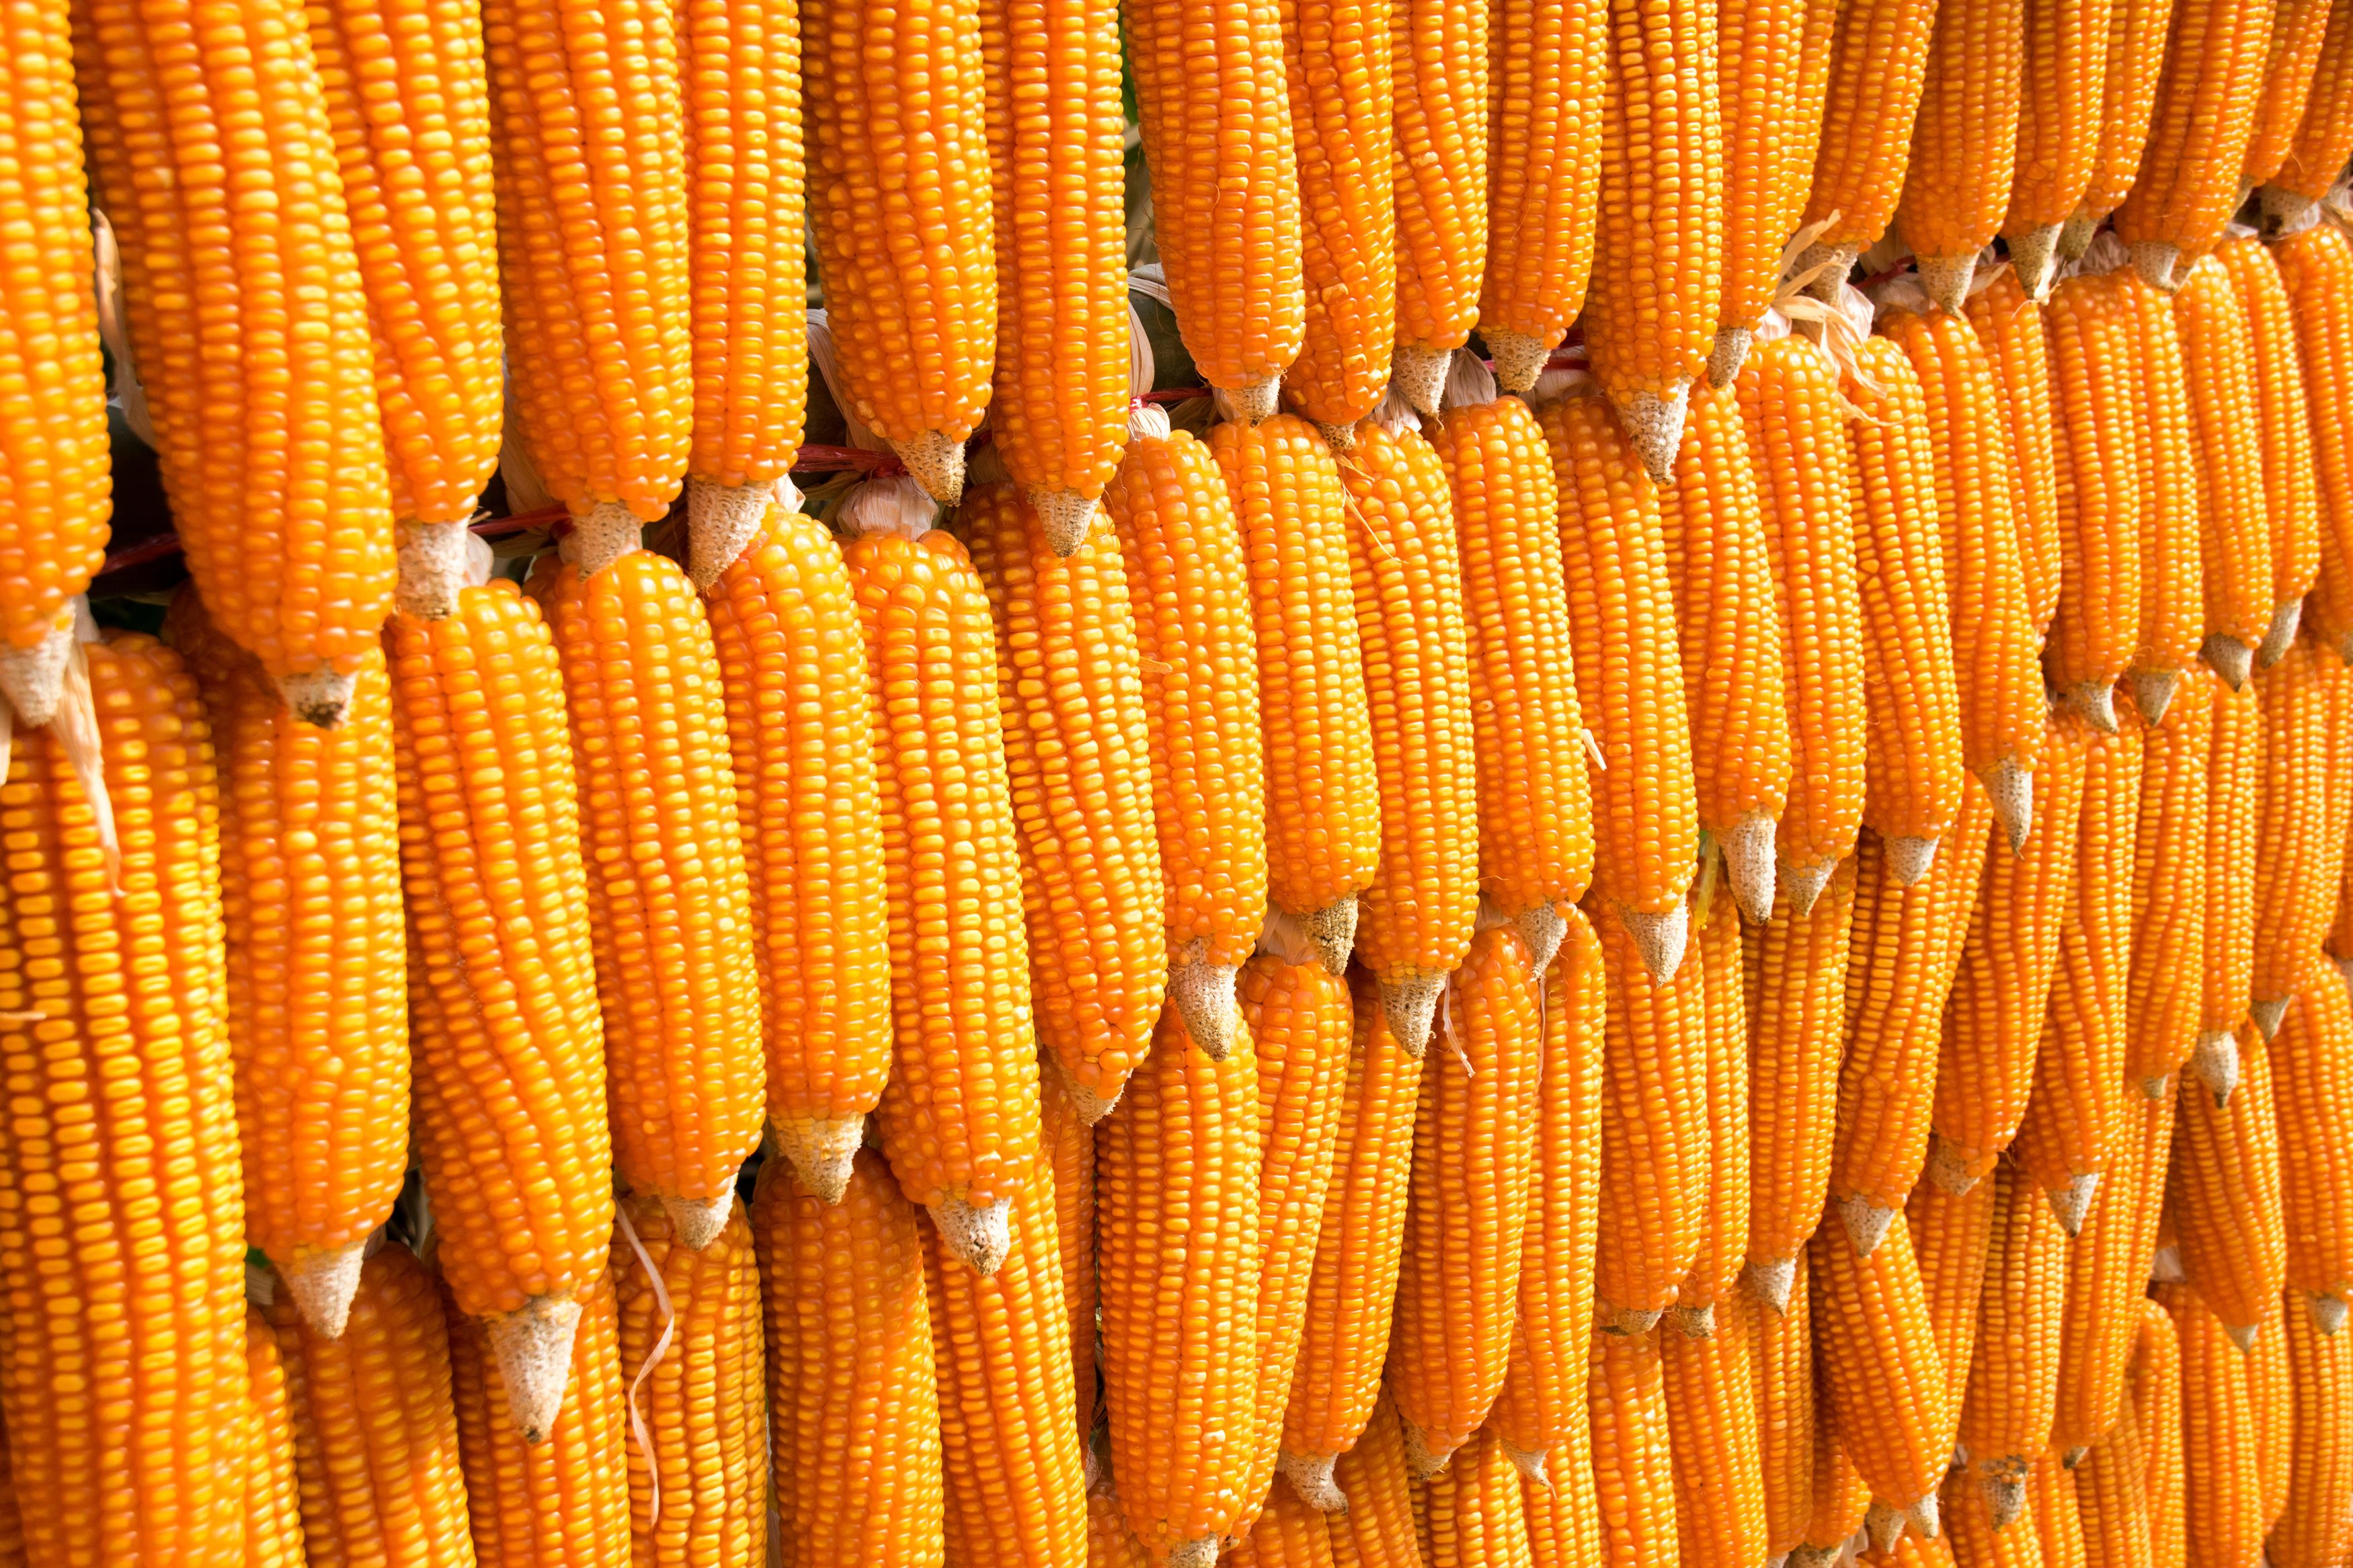 Corn origins